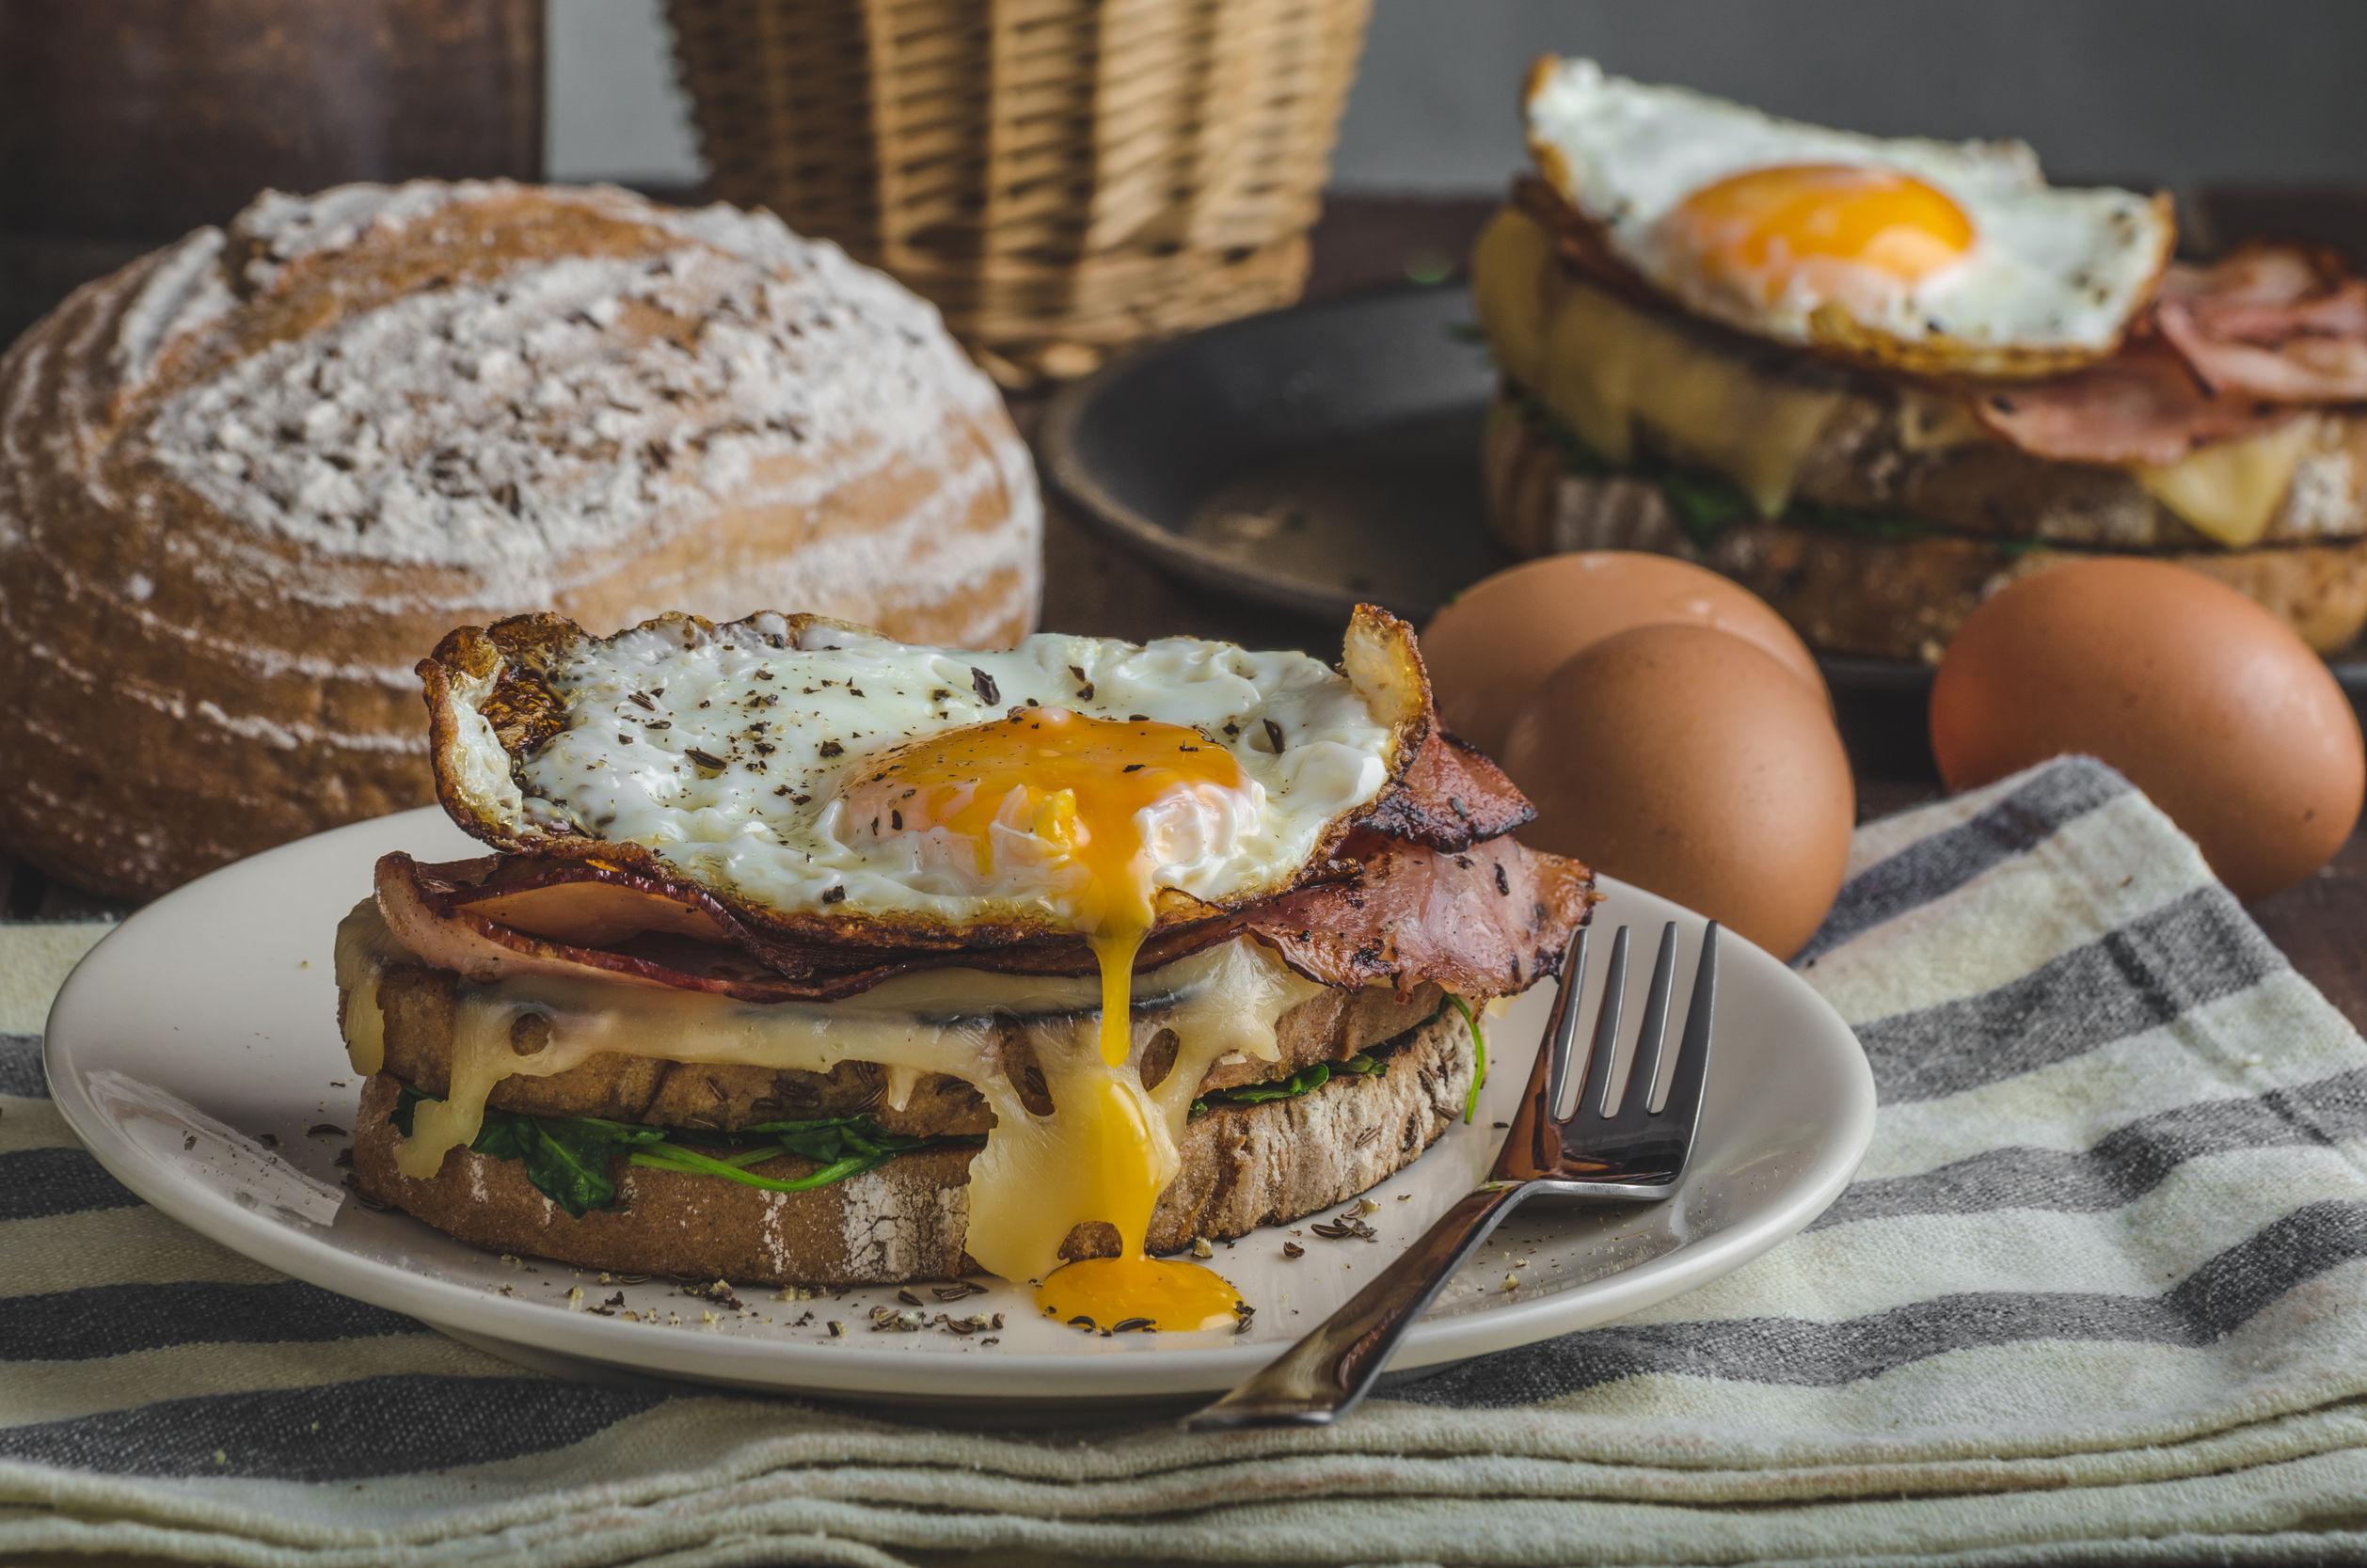 Cinci trucuri prin care poţi aduce Parisul în bucătăria ta